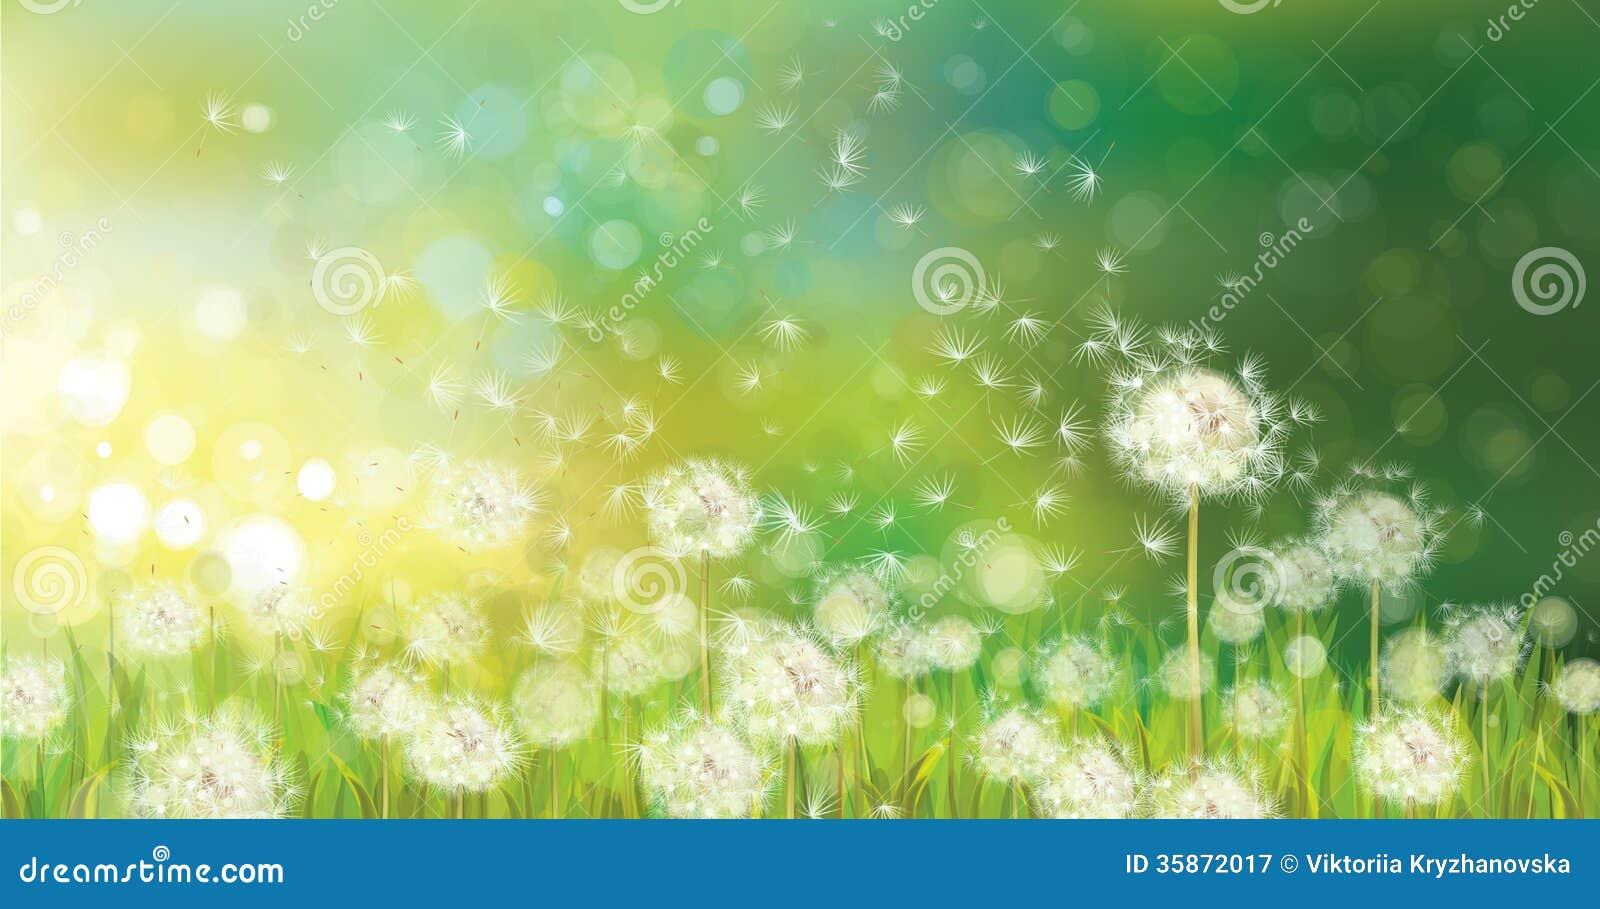 春天背景传染媒介用白色蒲公英。